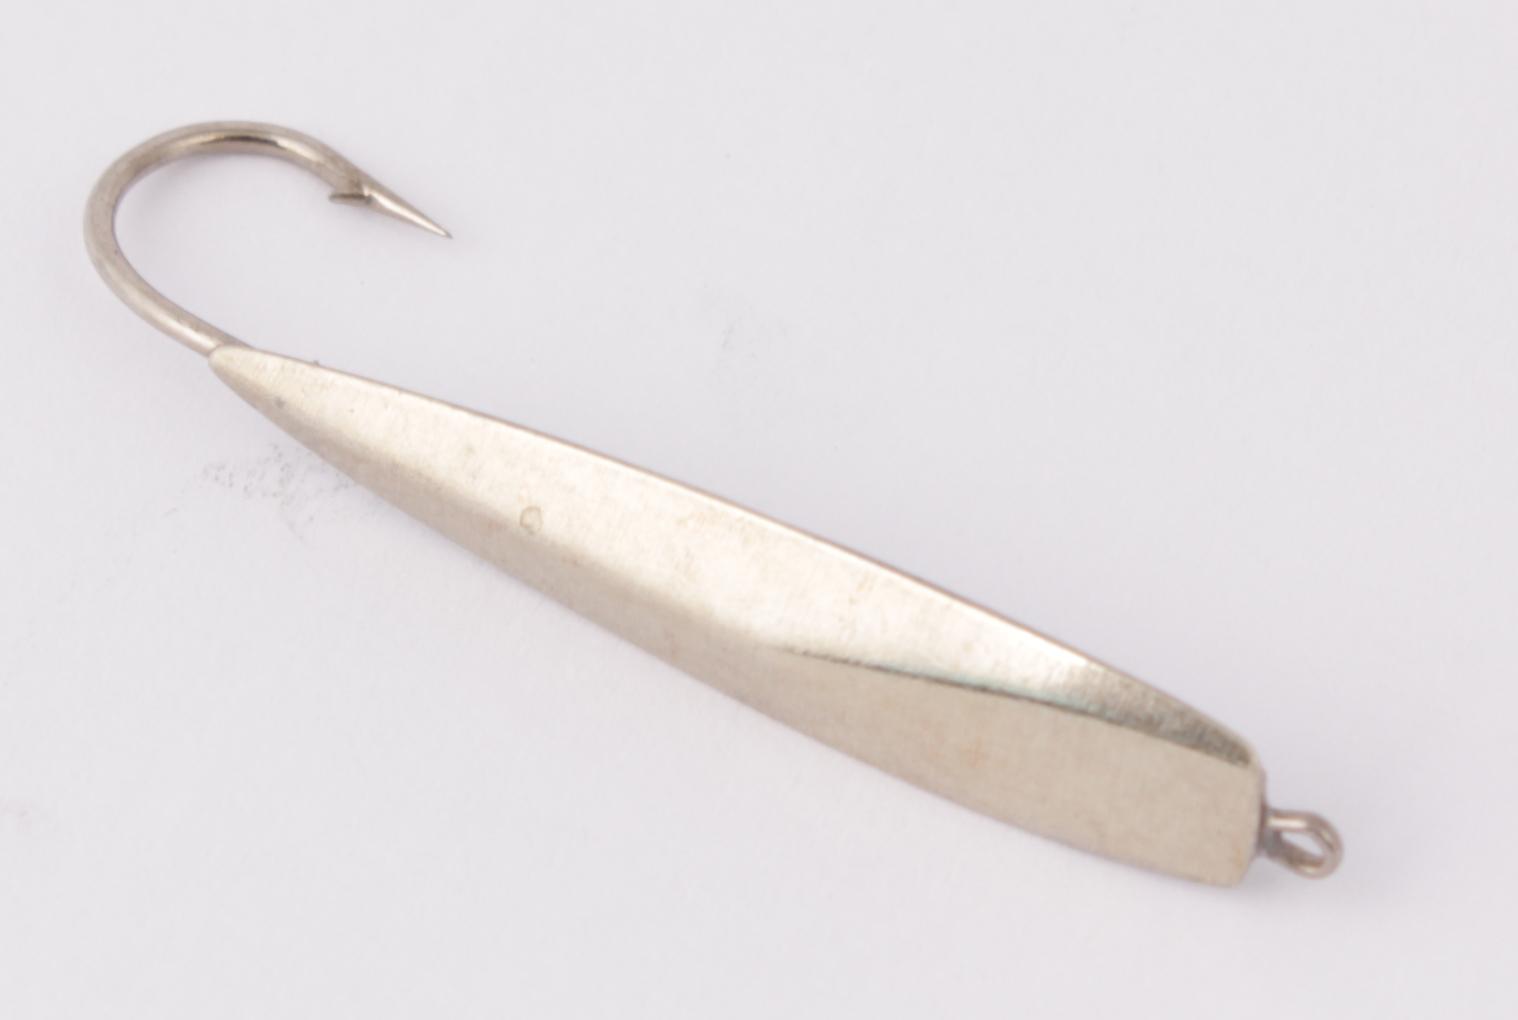 Блесна зимняя DIXXON-RUS Катет-Т (никель)(2,3г) Блесны<br>Блесна для отвесного блеснения рыбы. Оснащена <br>подвесным тройником. Вес - 2,3 г Цвет - никель<br>